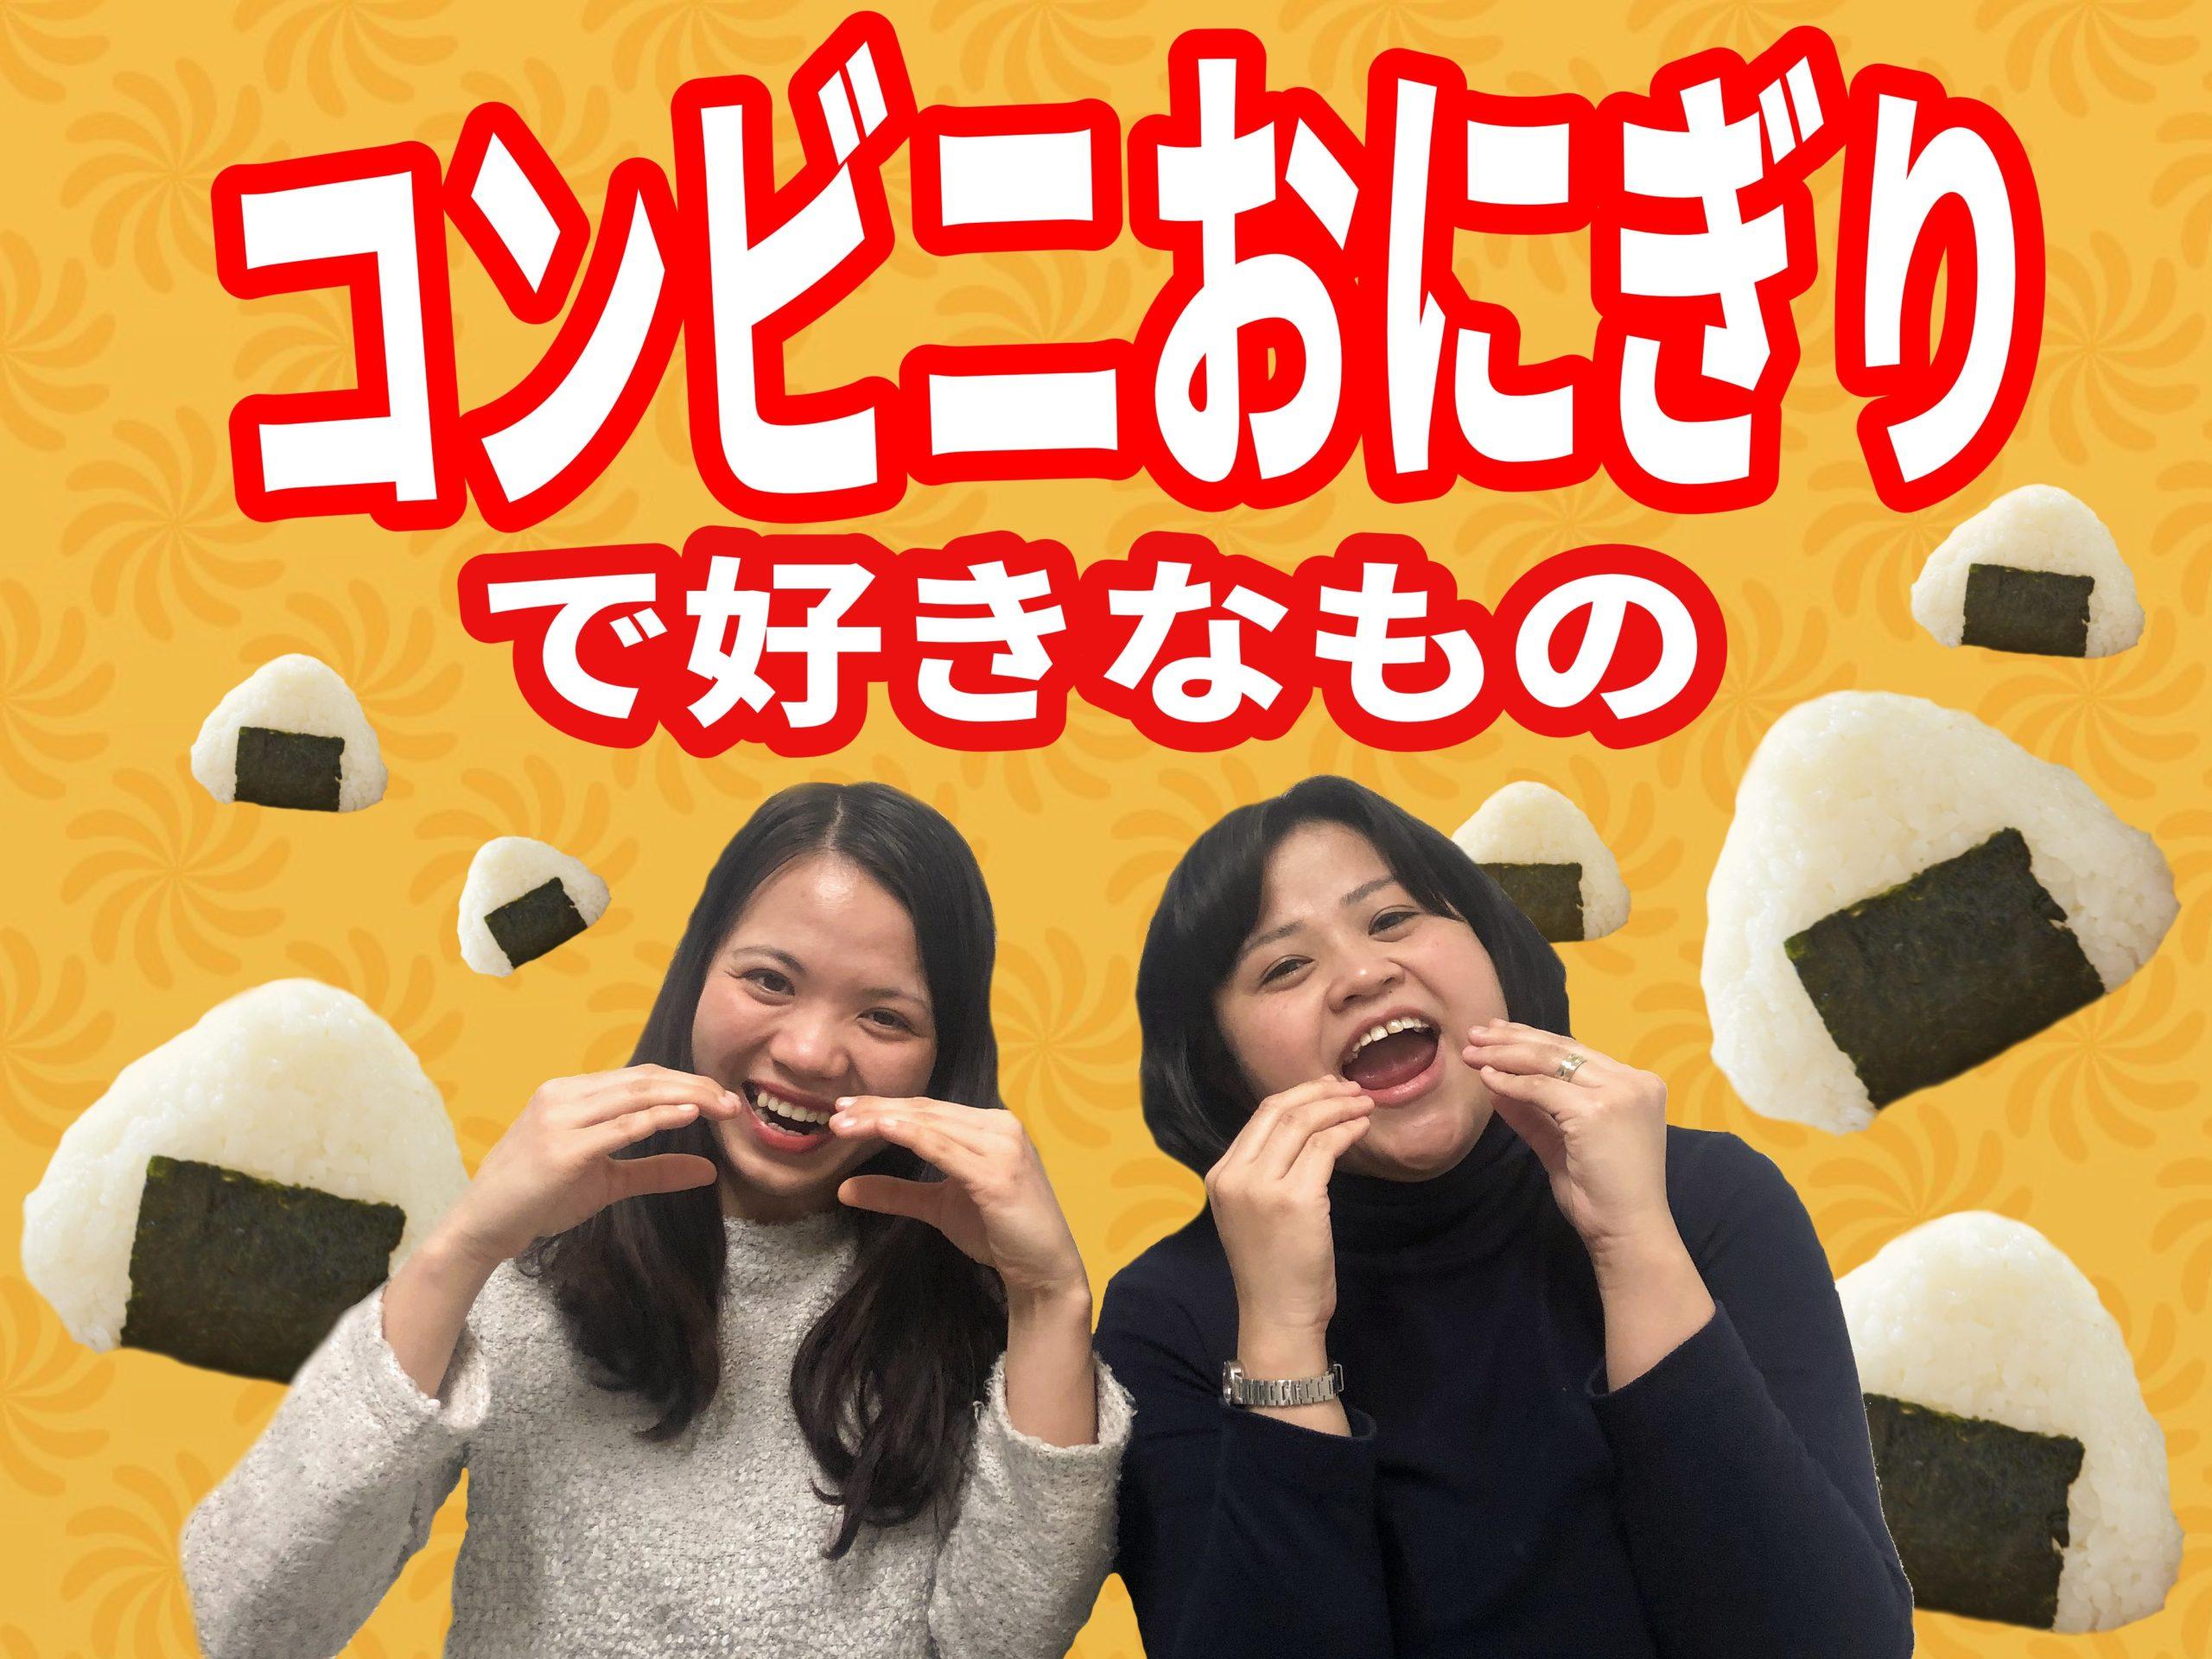 日本のおにぎりで好きな物はなんですか?